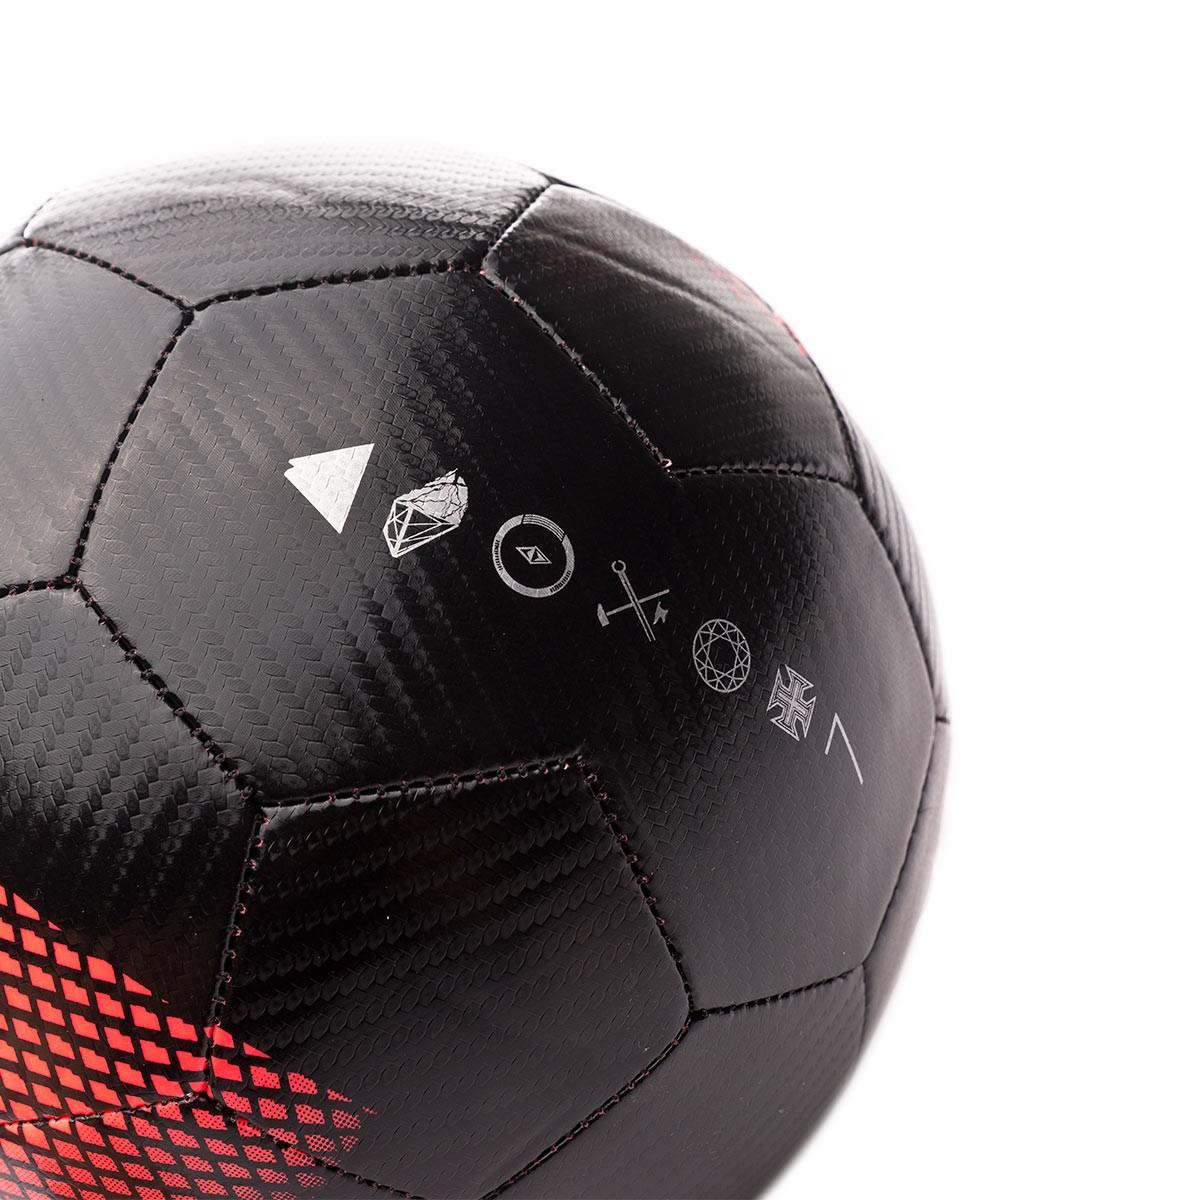 eb3ded6ac Ball Nike CR7 Prestige 2018-2019 Black-Flash crimson-Silver - Football store  Fútbol Emotion